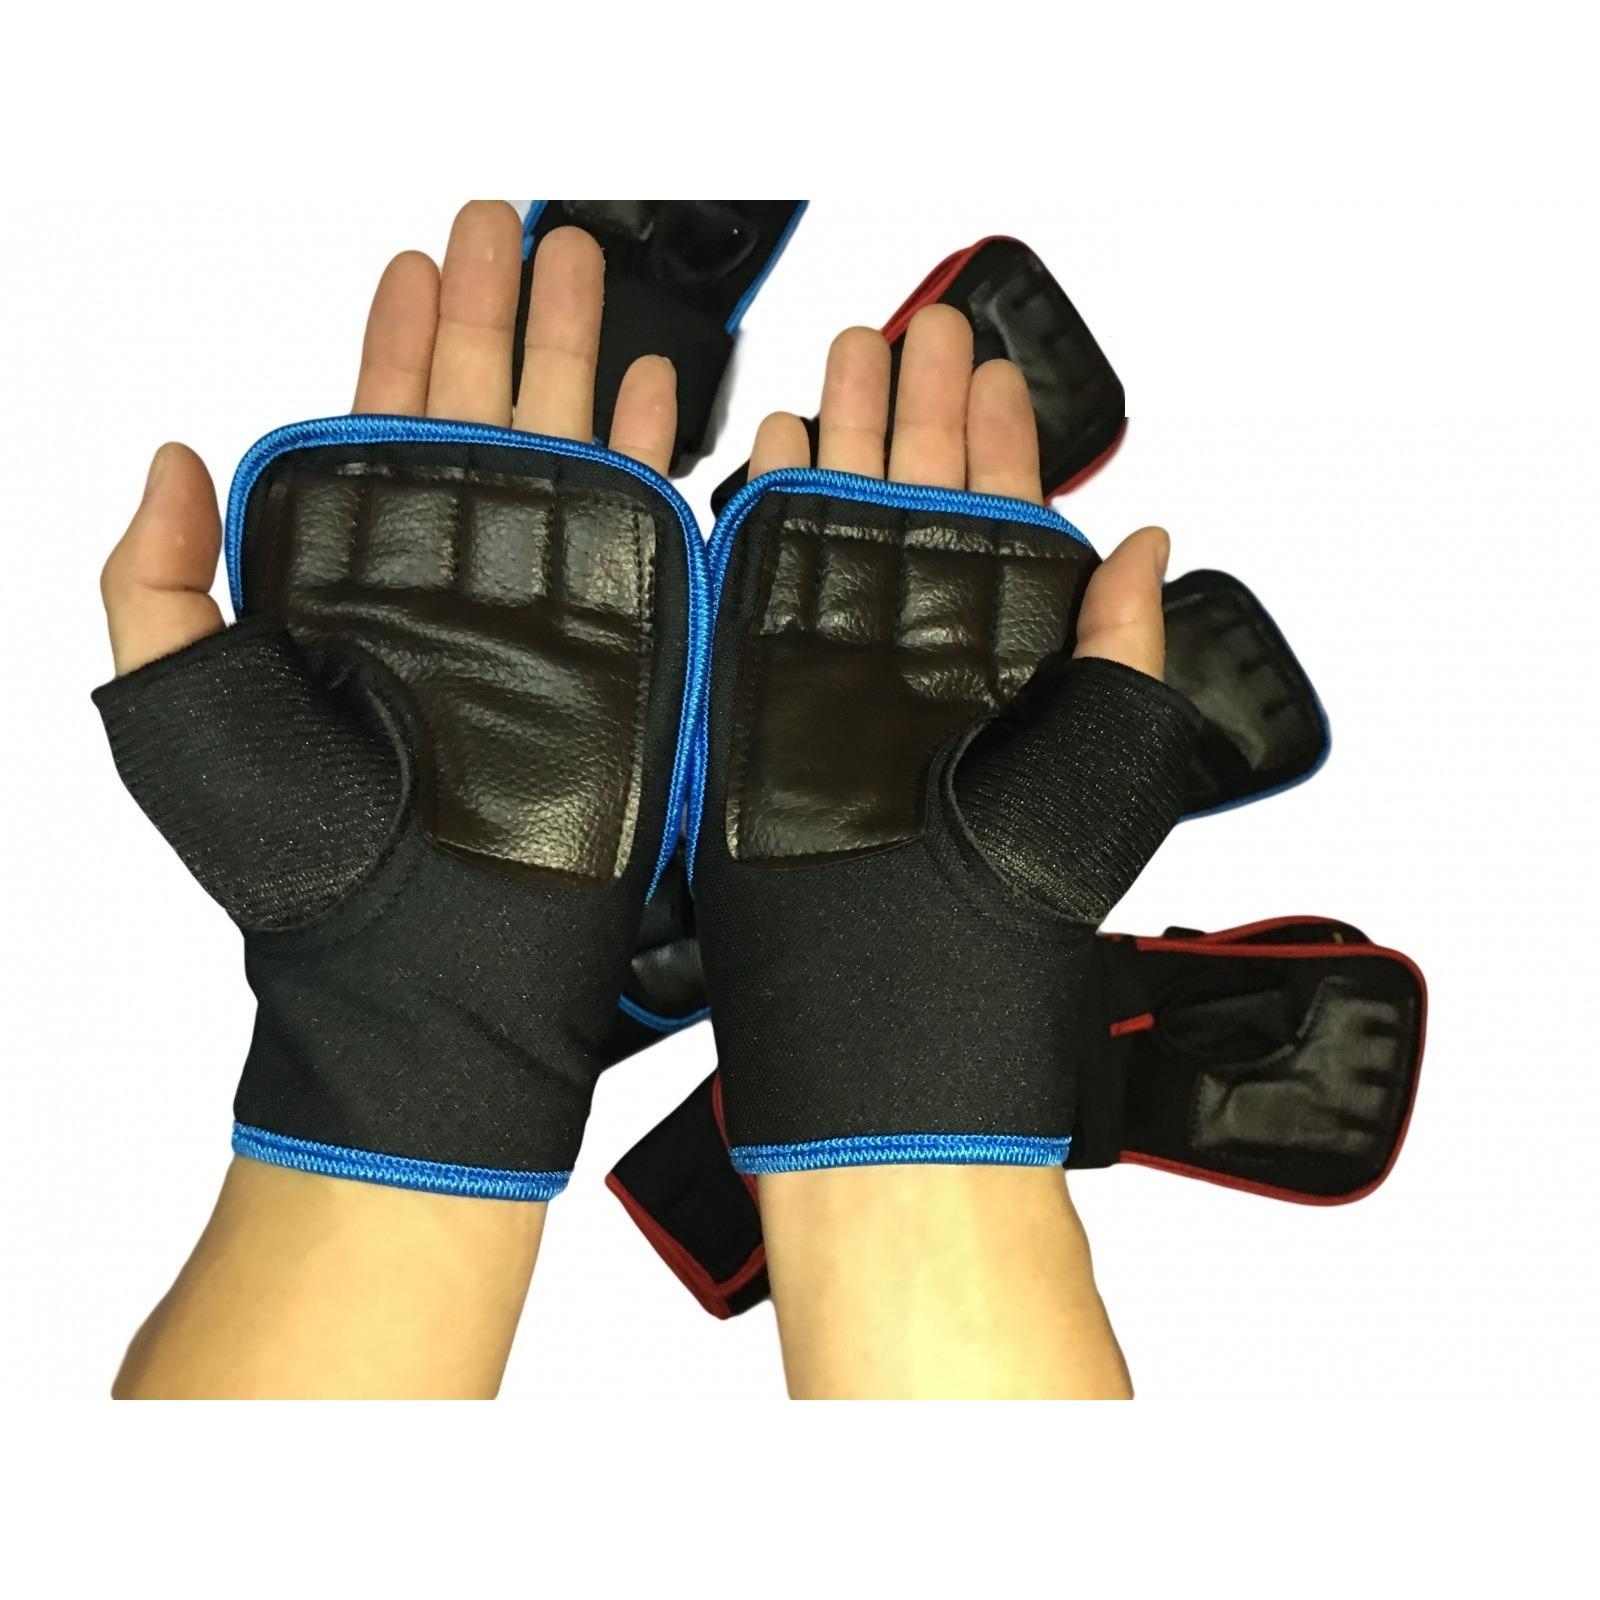 Găng tay tập gym êm ái dễ sử dụng